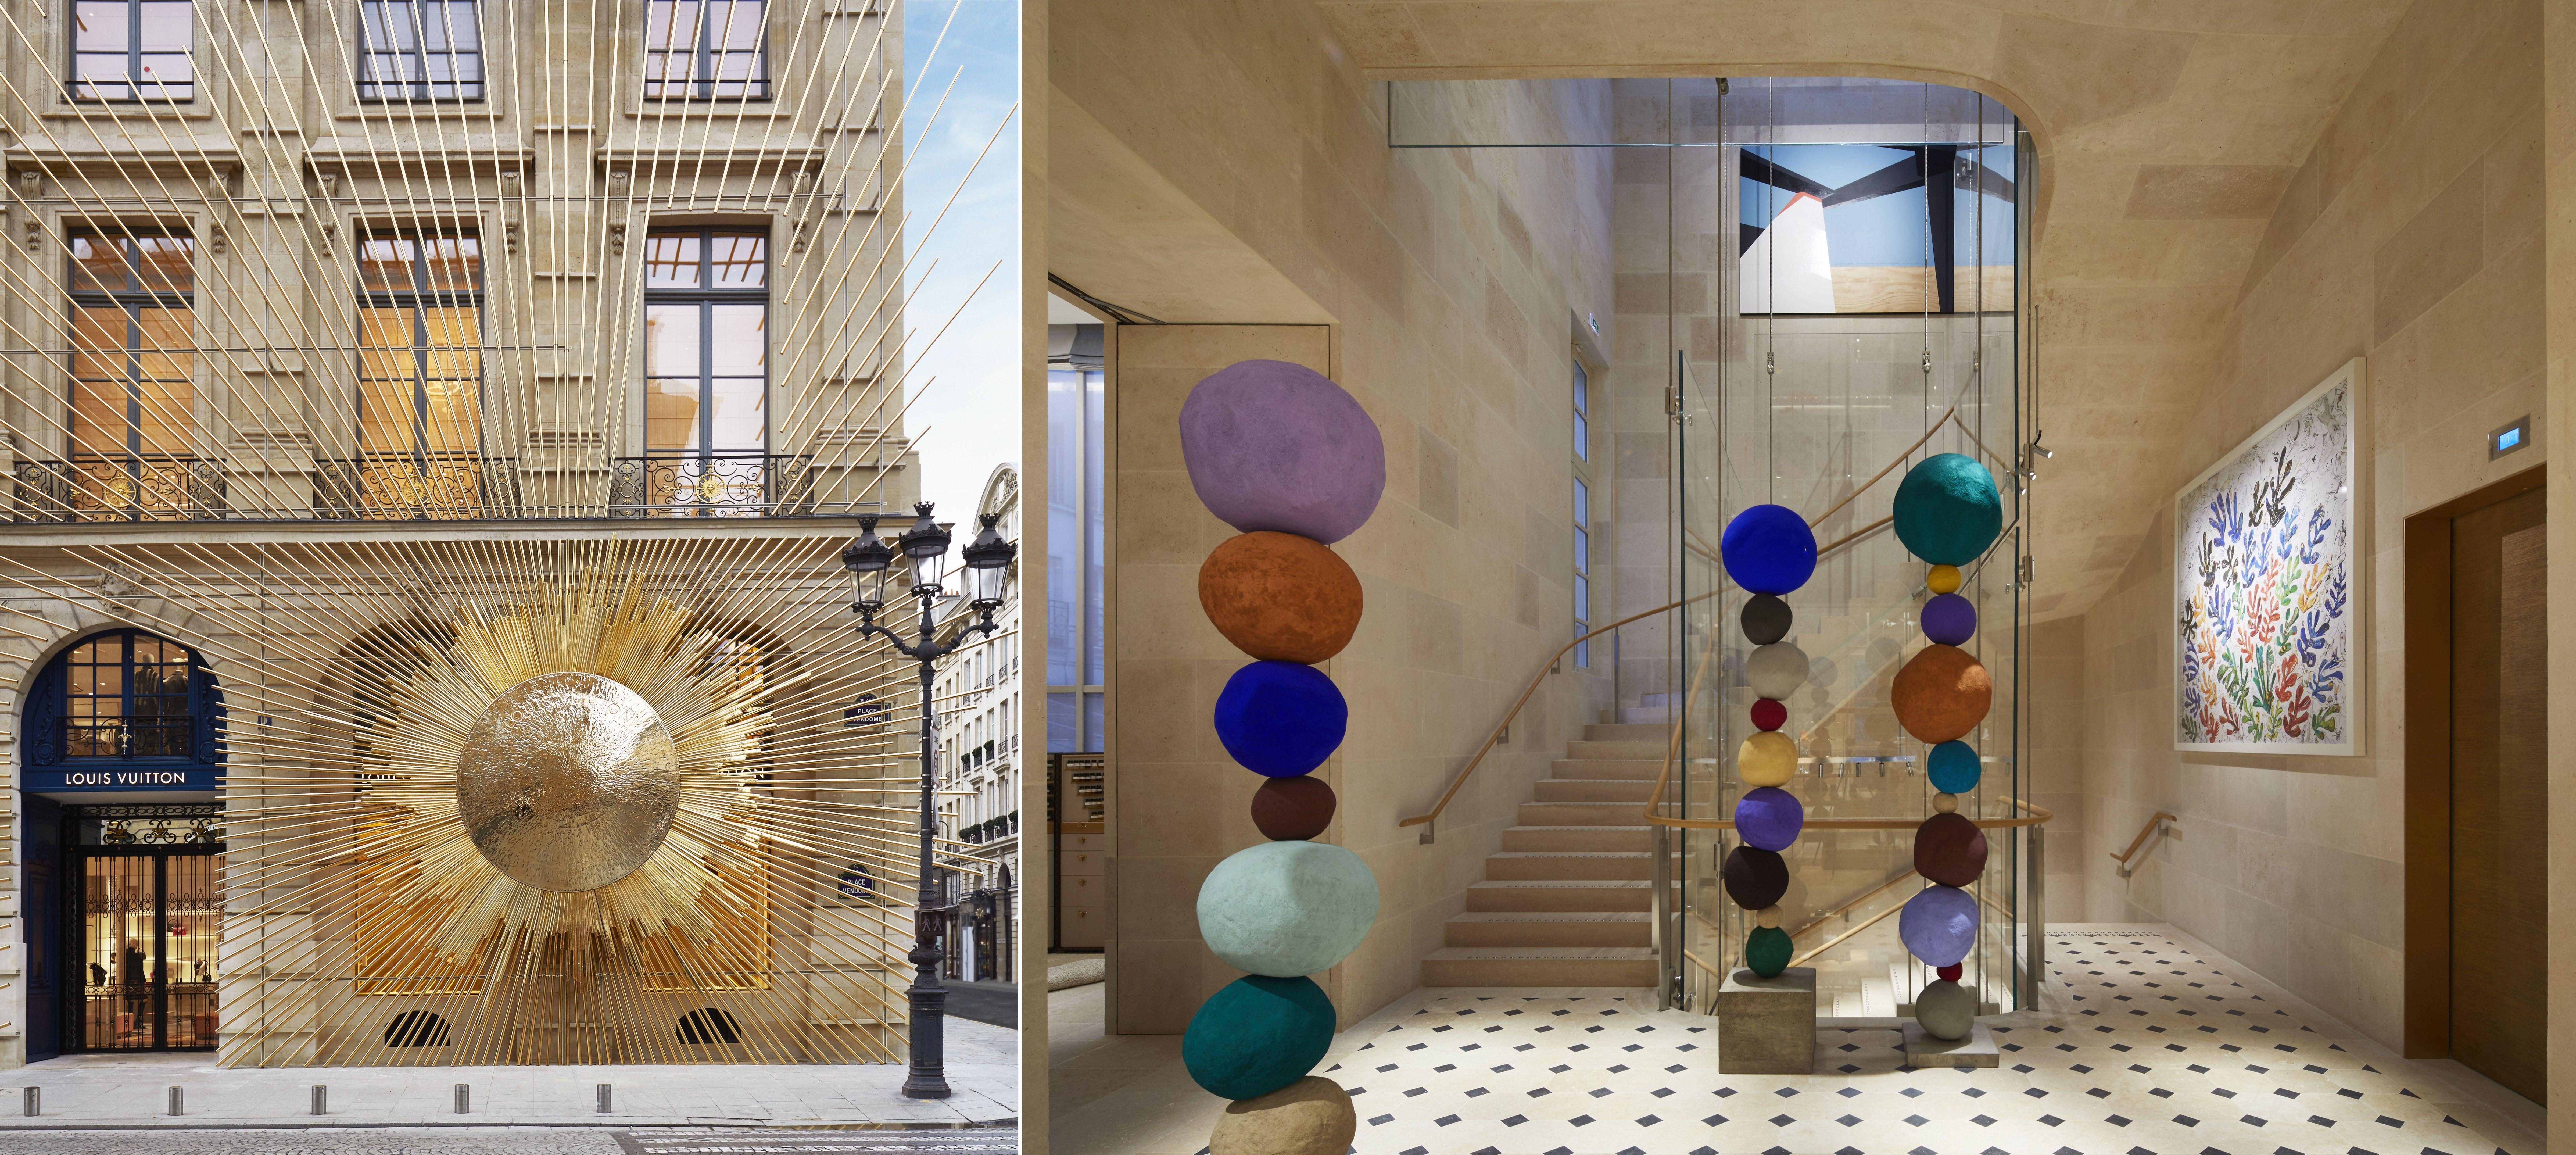 3469976af347 Maison Louis Vuitton Vendôme  Luxurious shopping and design museum